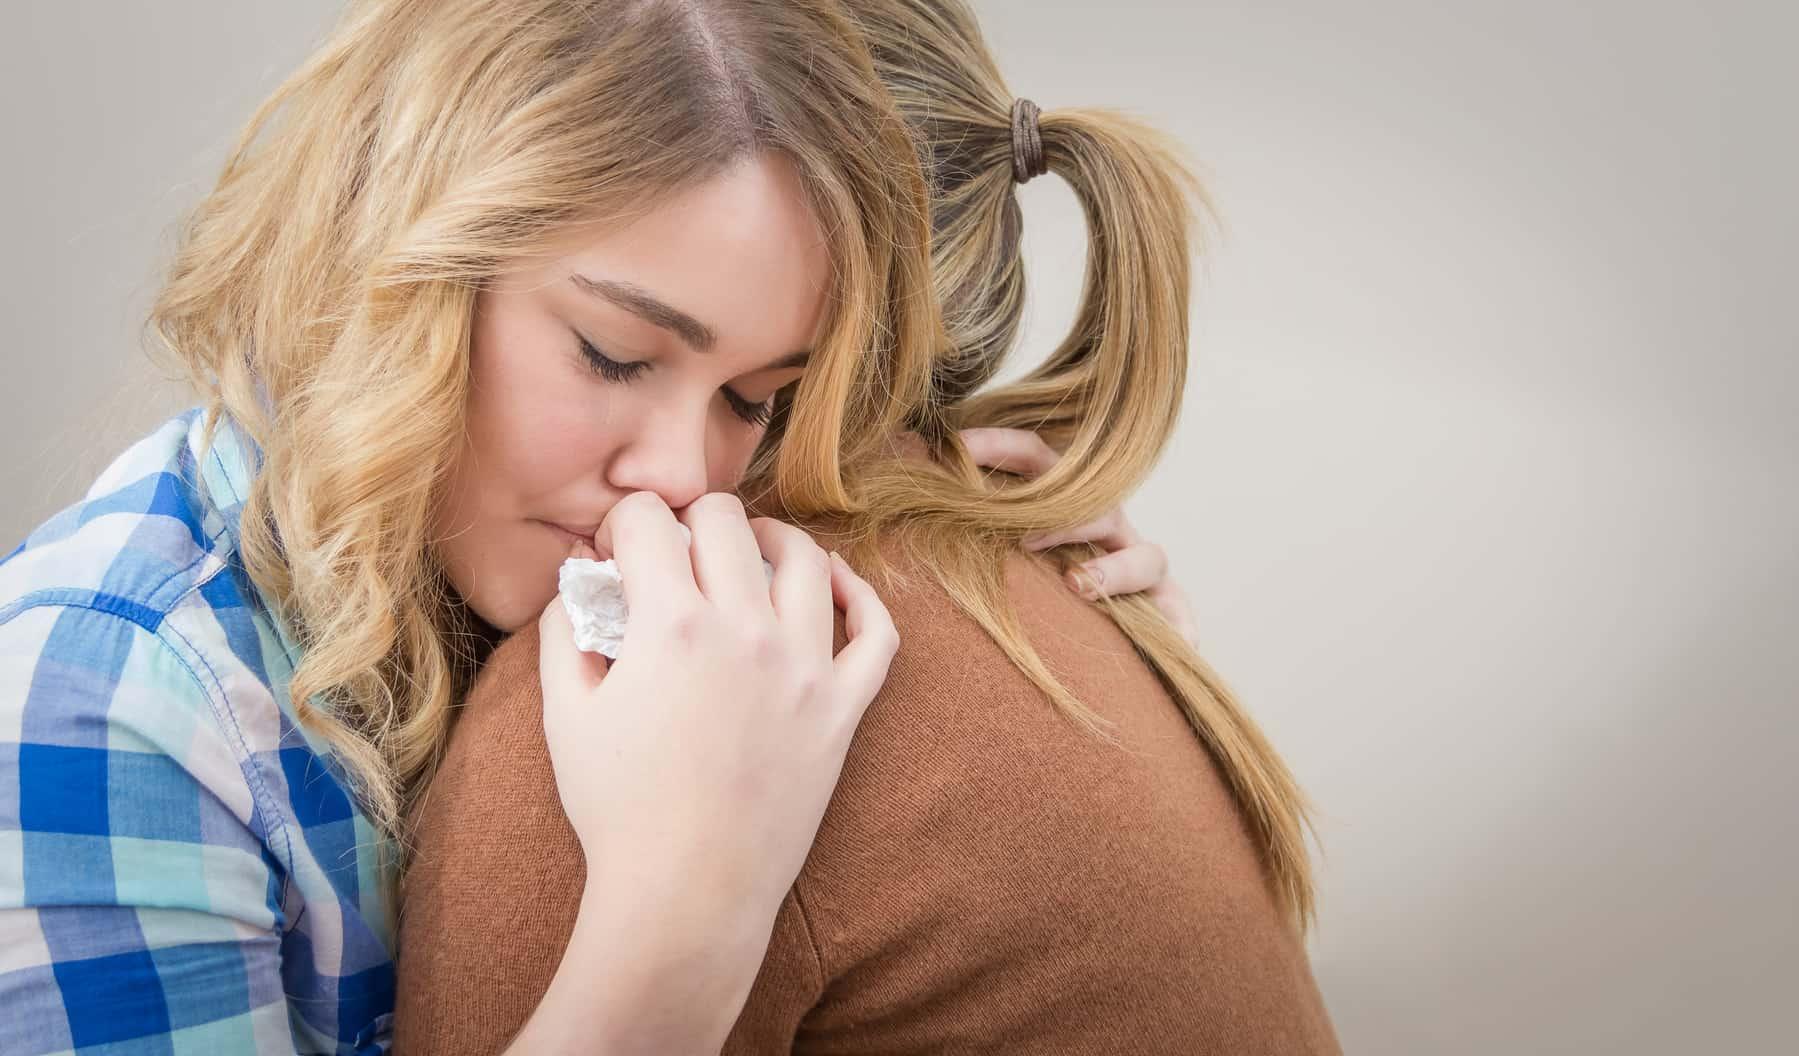 Kako da pomognete bliskoj osobi da se oslobodi fobije